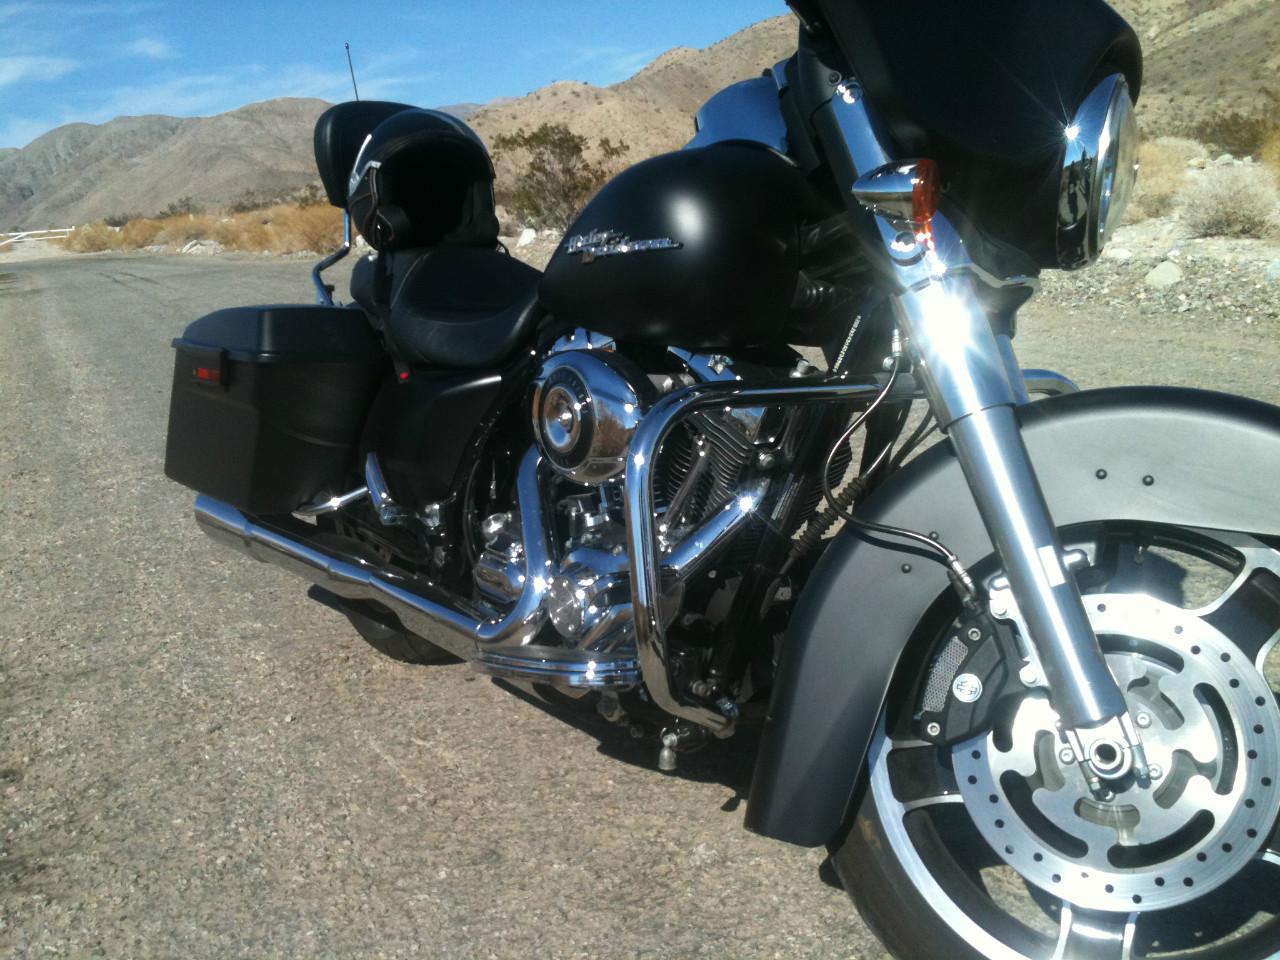 craigslist motorcycles for sale in palm desert ca. Black Bedroom Furniture Sets. Home Design Ideas